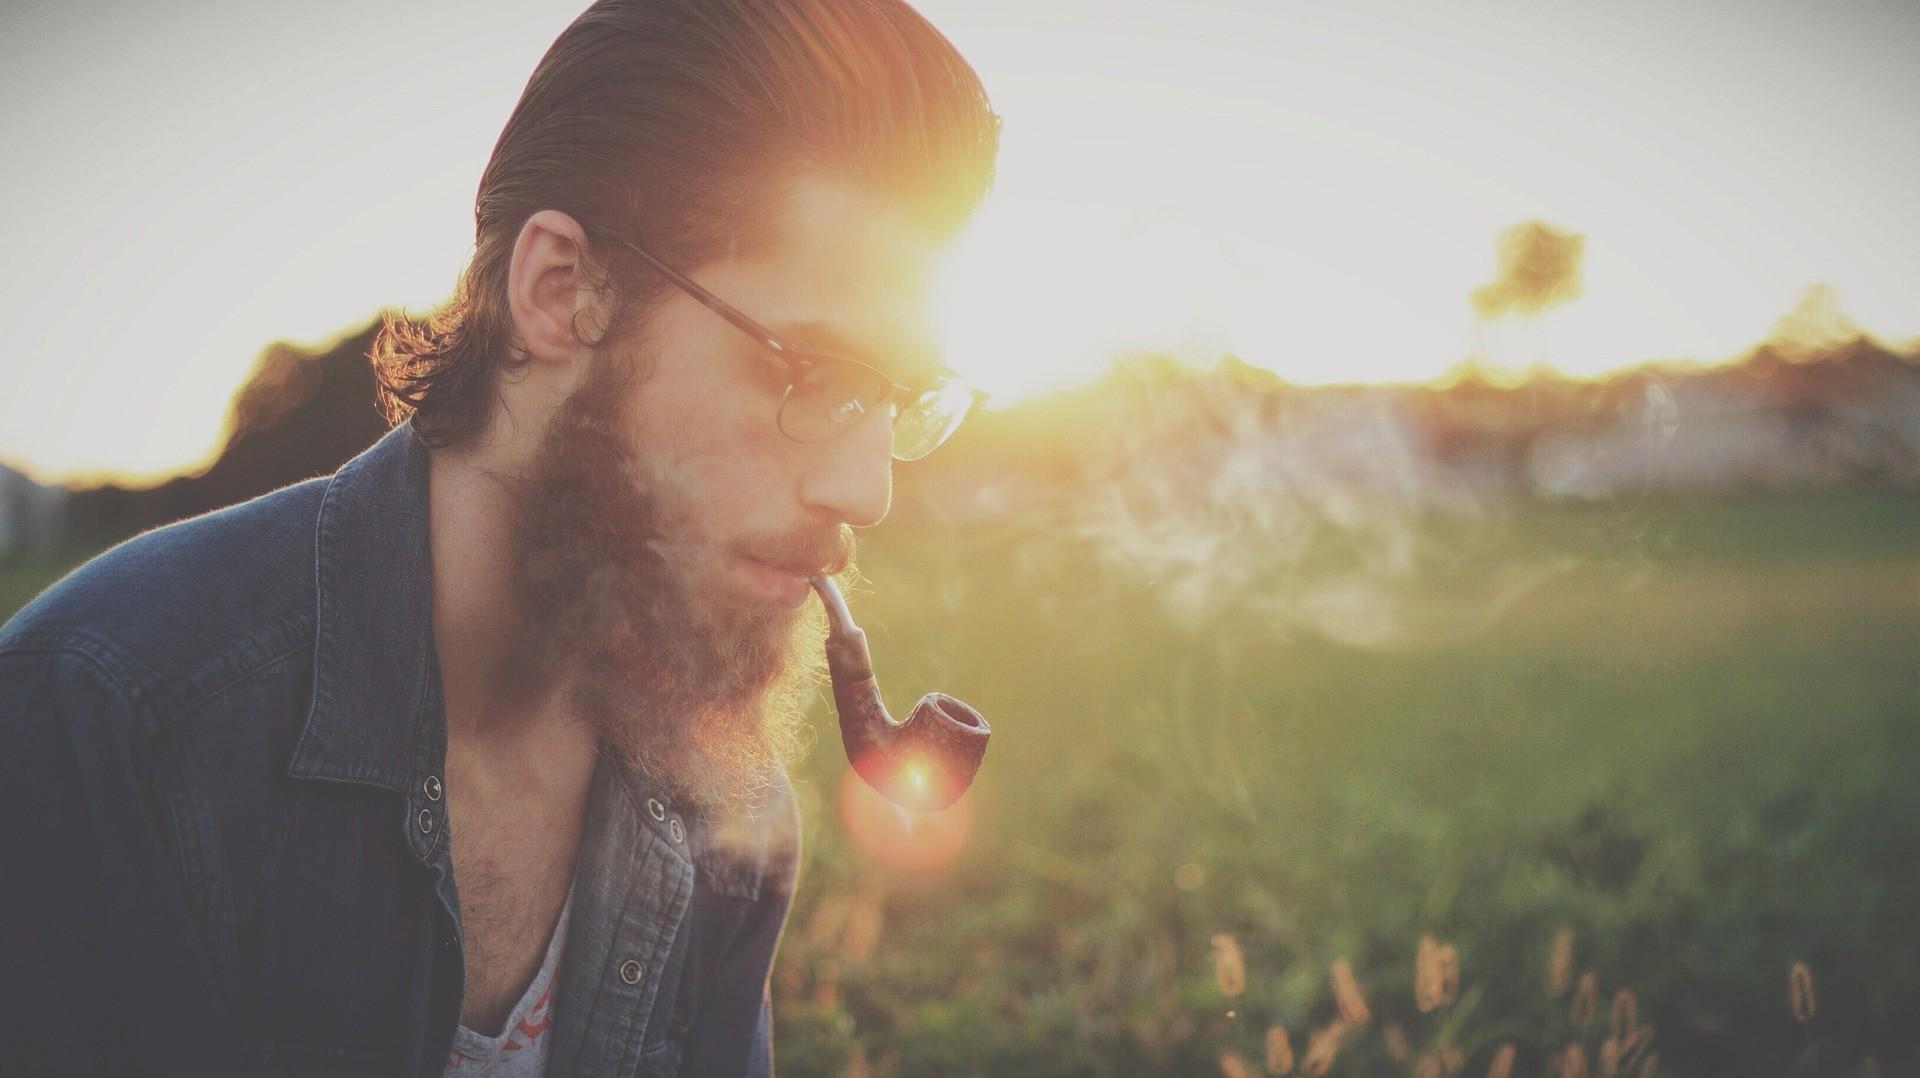 Os hipsters são todos iguais? Publicação comprova na prática (Foto: Pixabay)